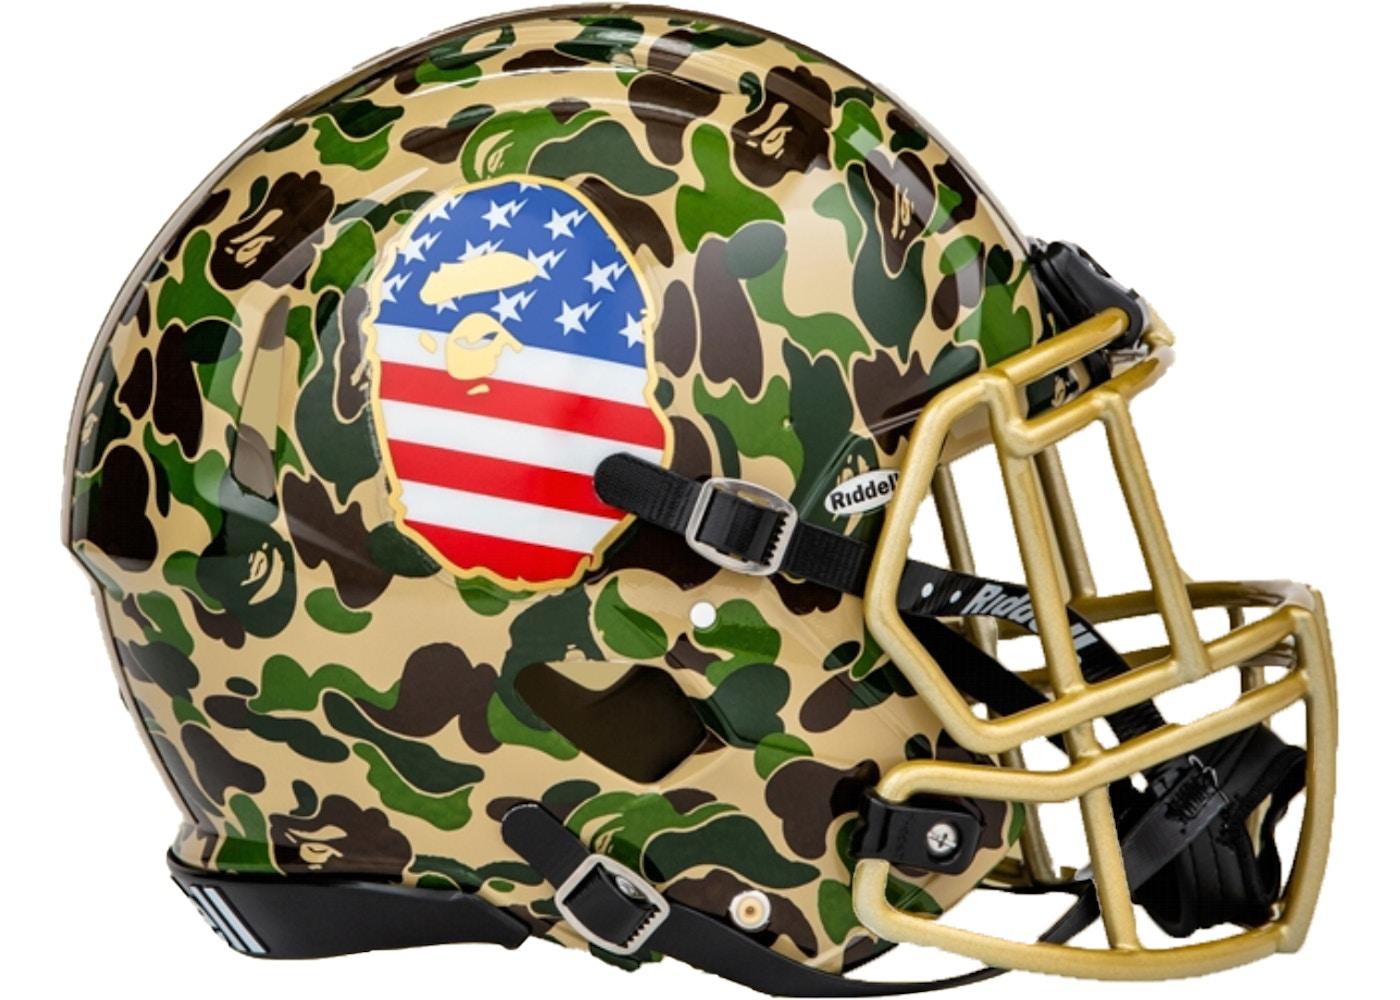 391263fb290c BAPE x Adidas Riddell Helmet Green - SS19